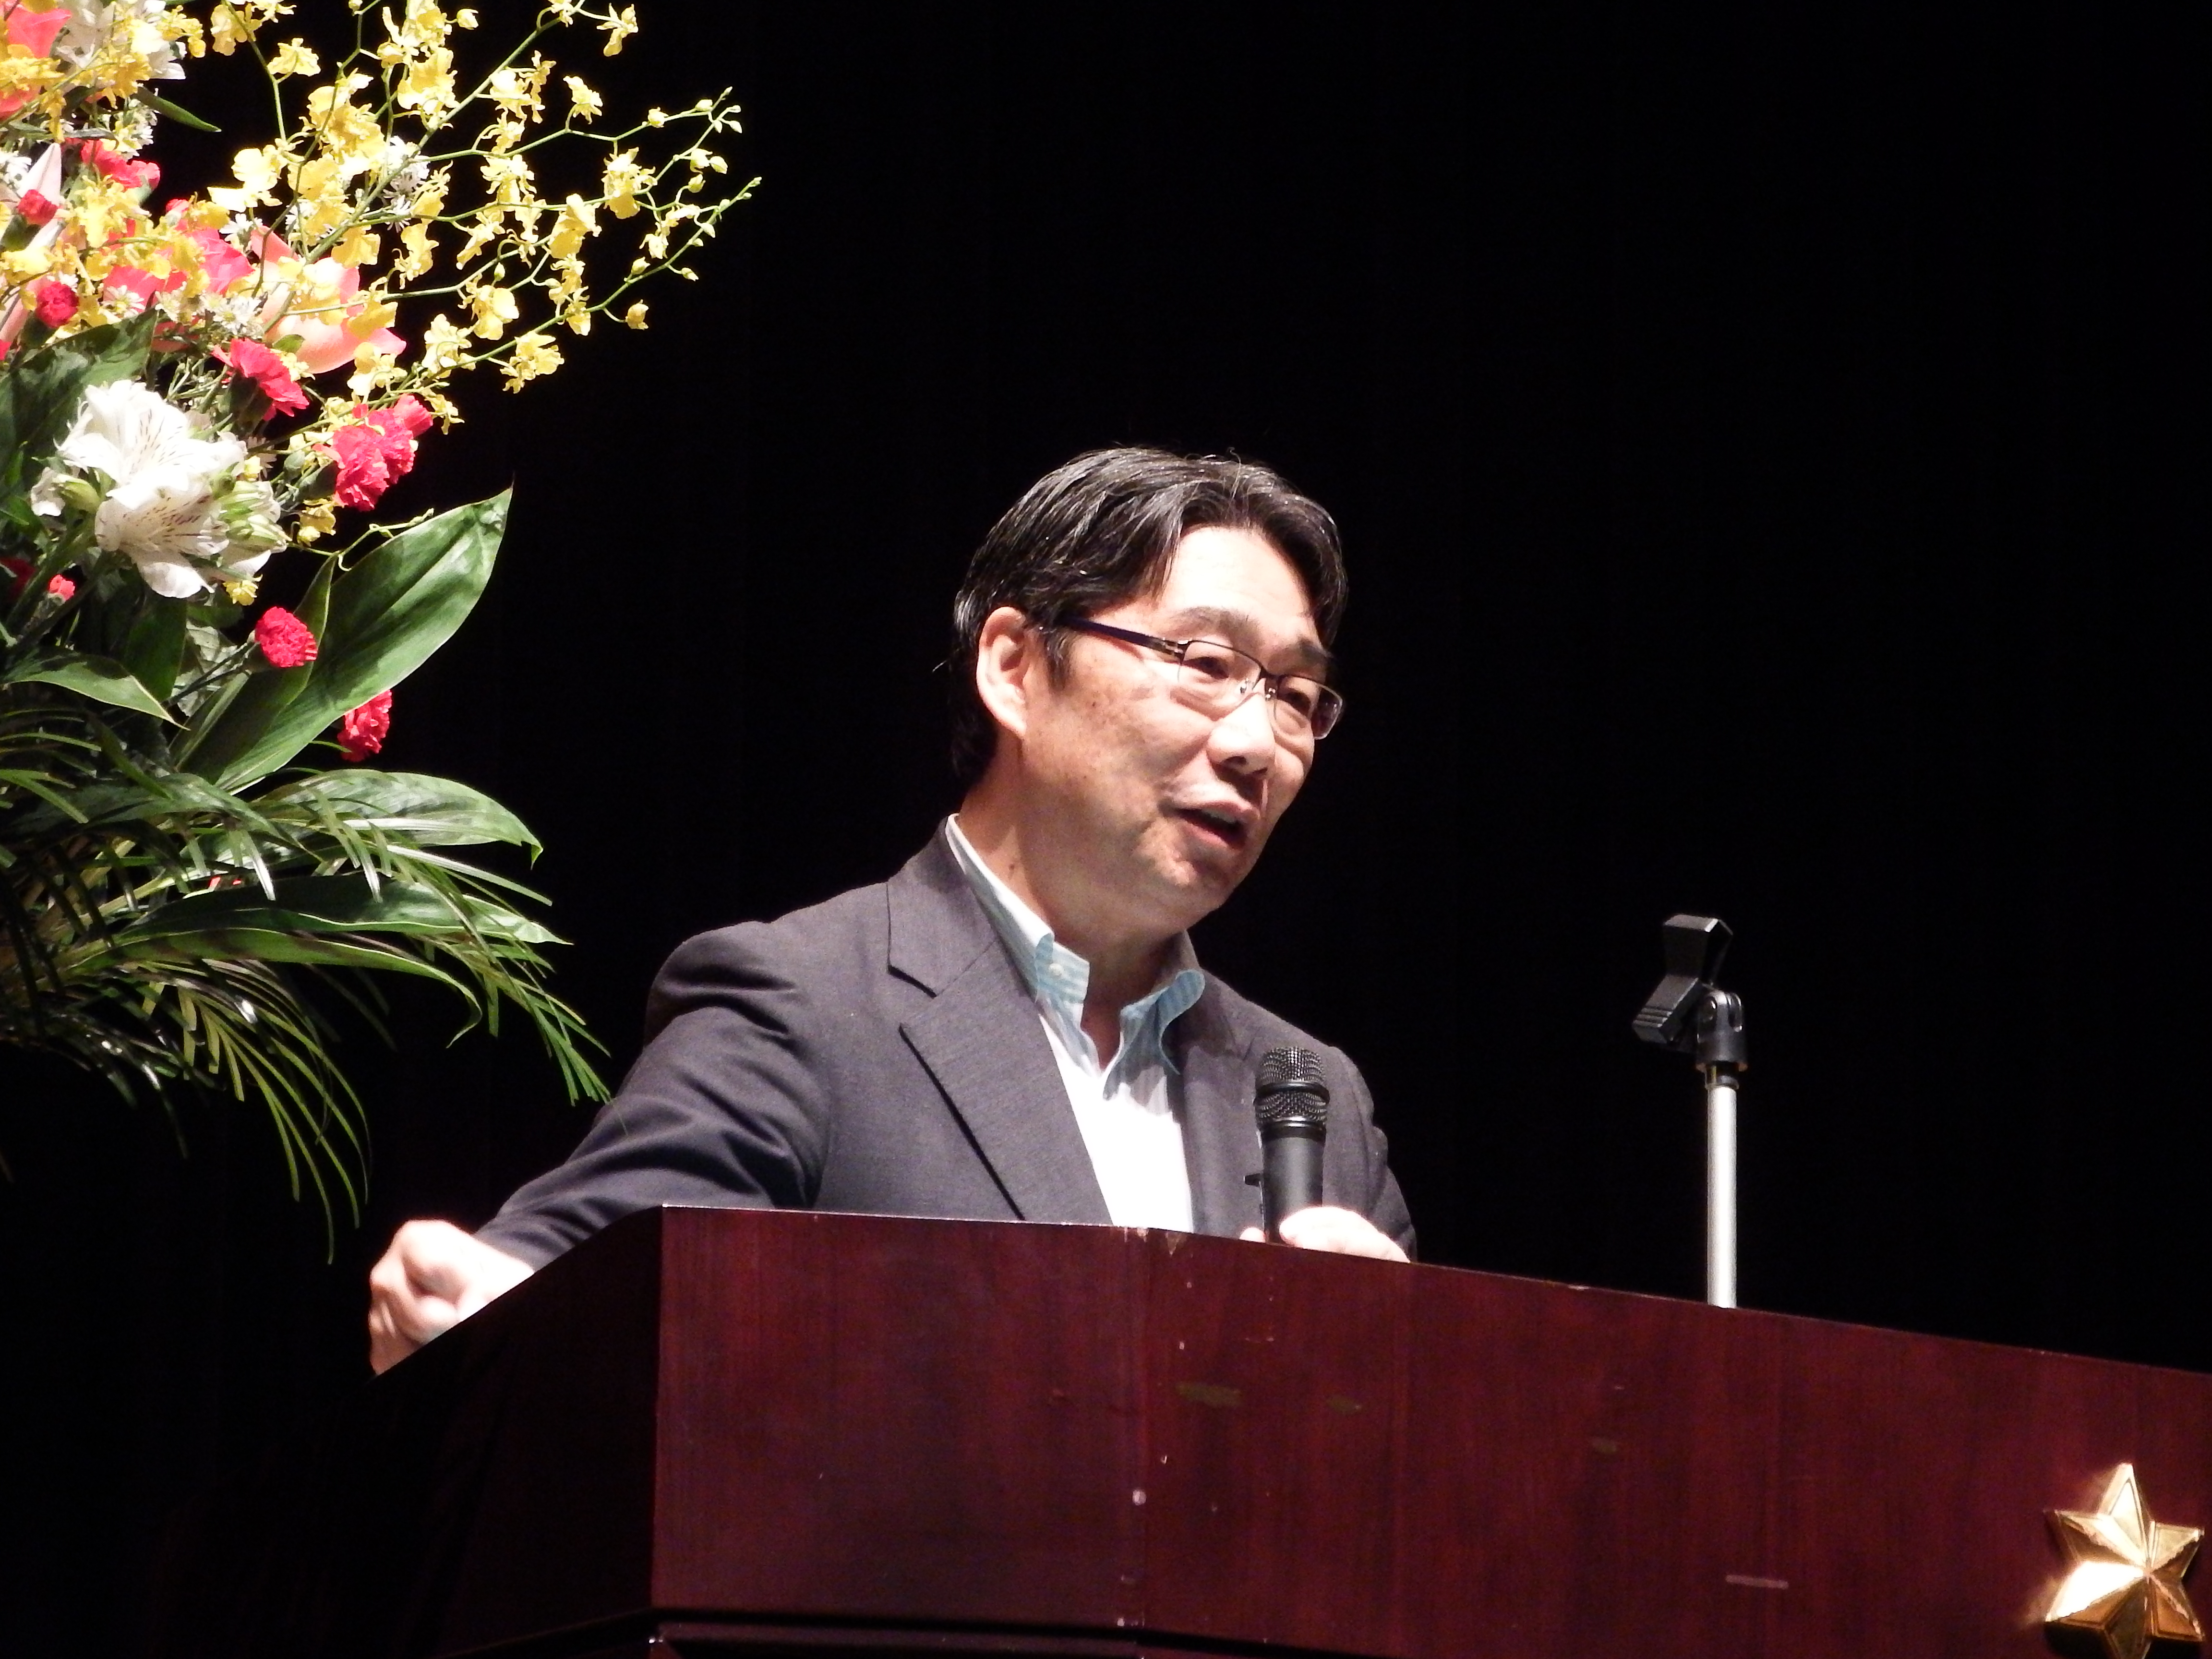 前川喜平氏講演会 「生徒諸君に寄せる」